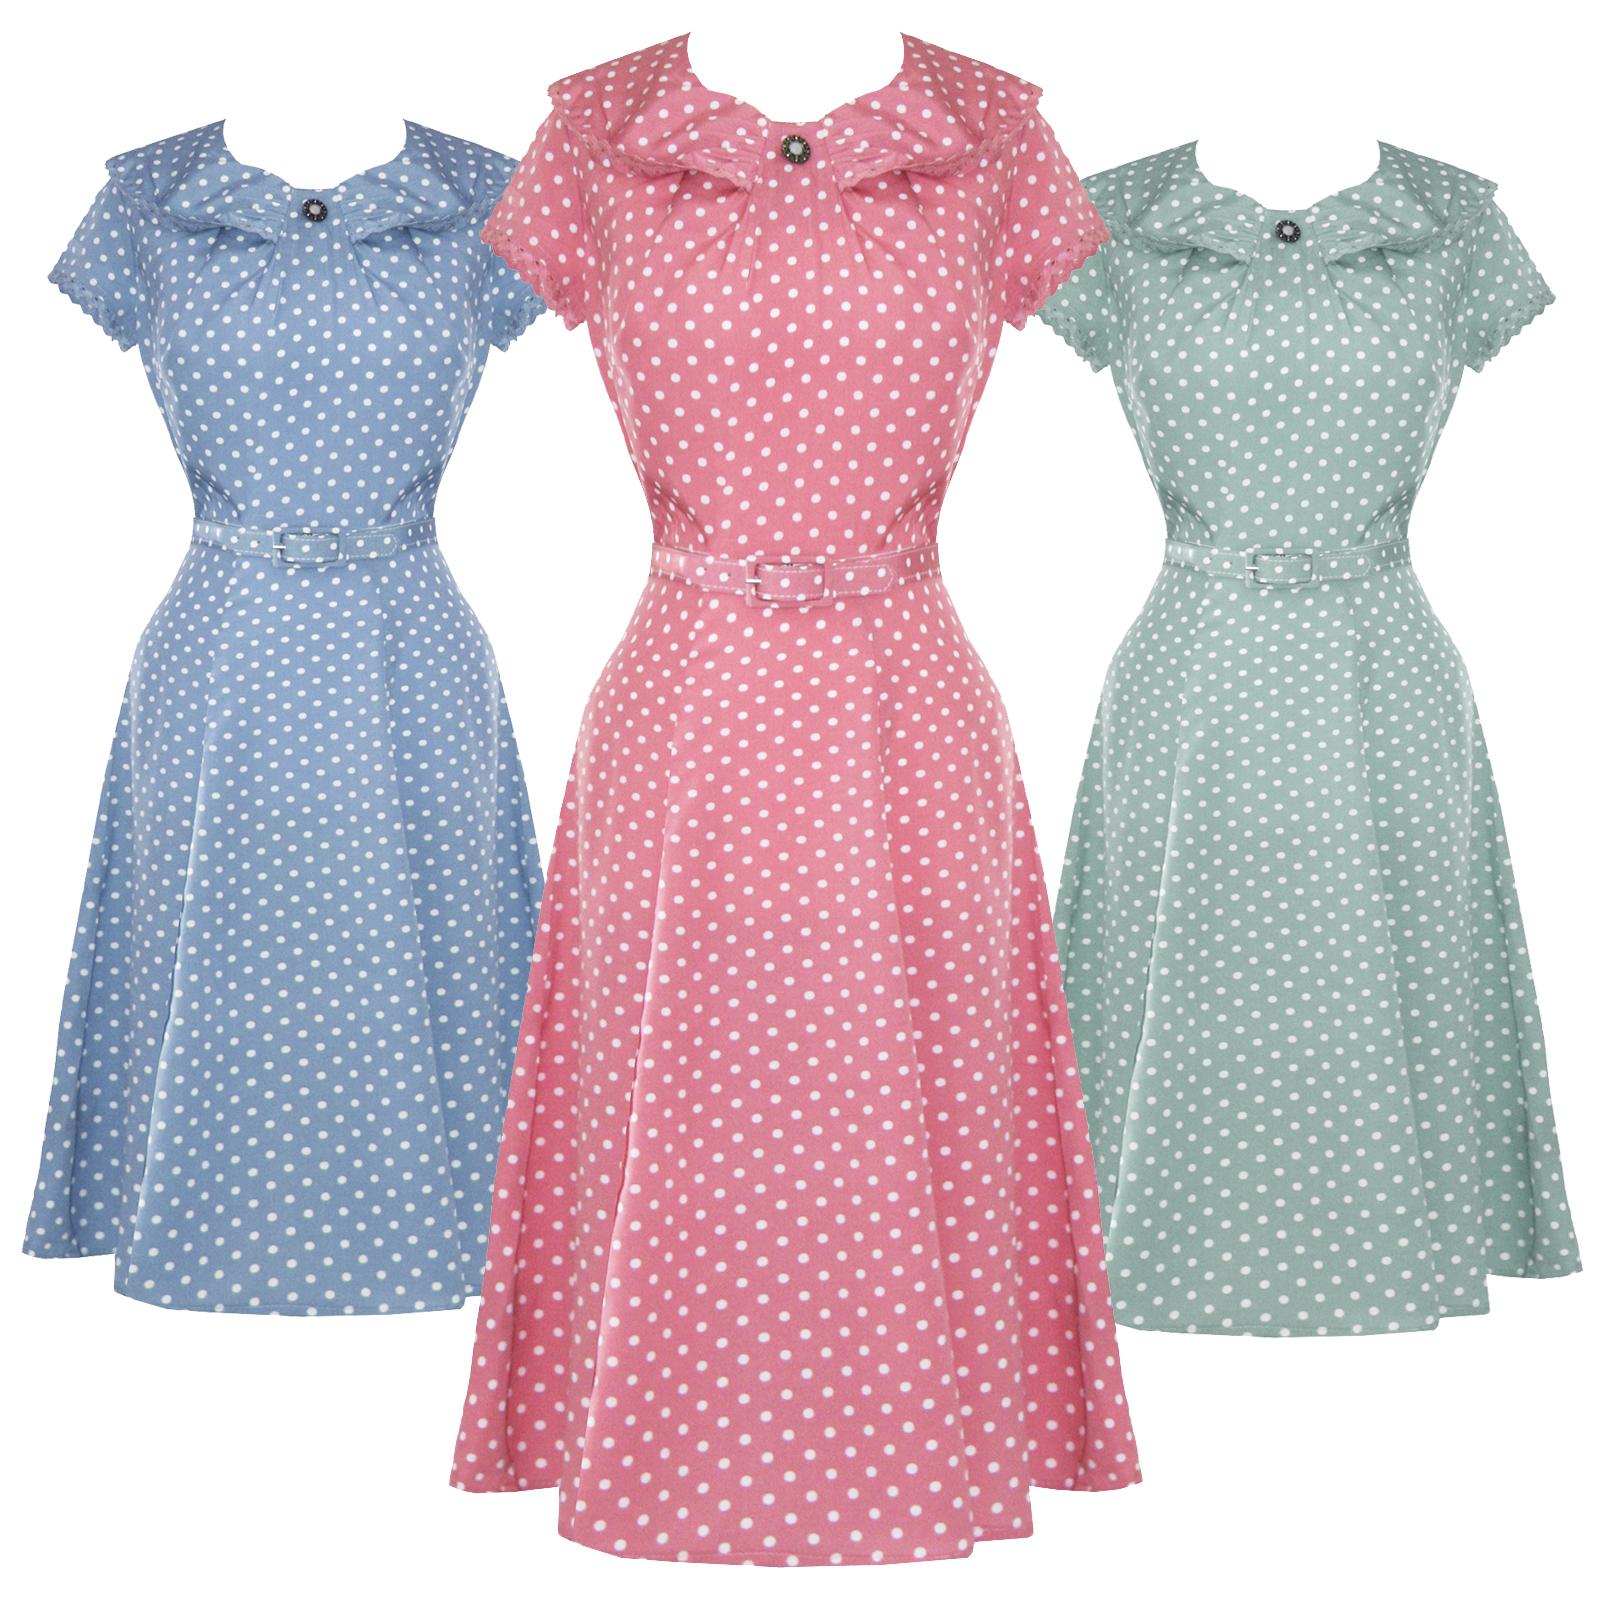 1940s Summer Dress